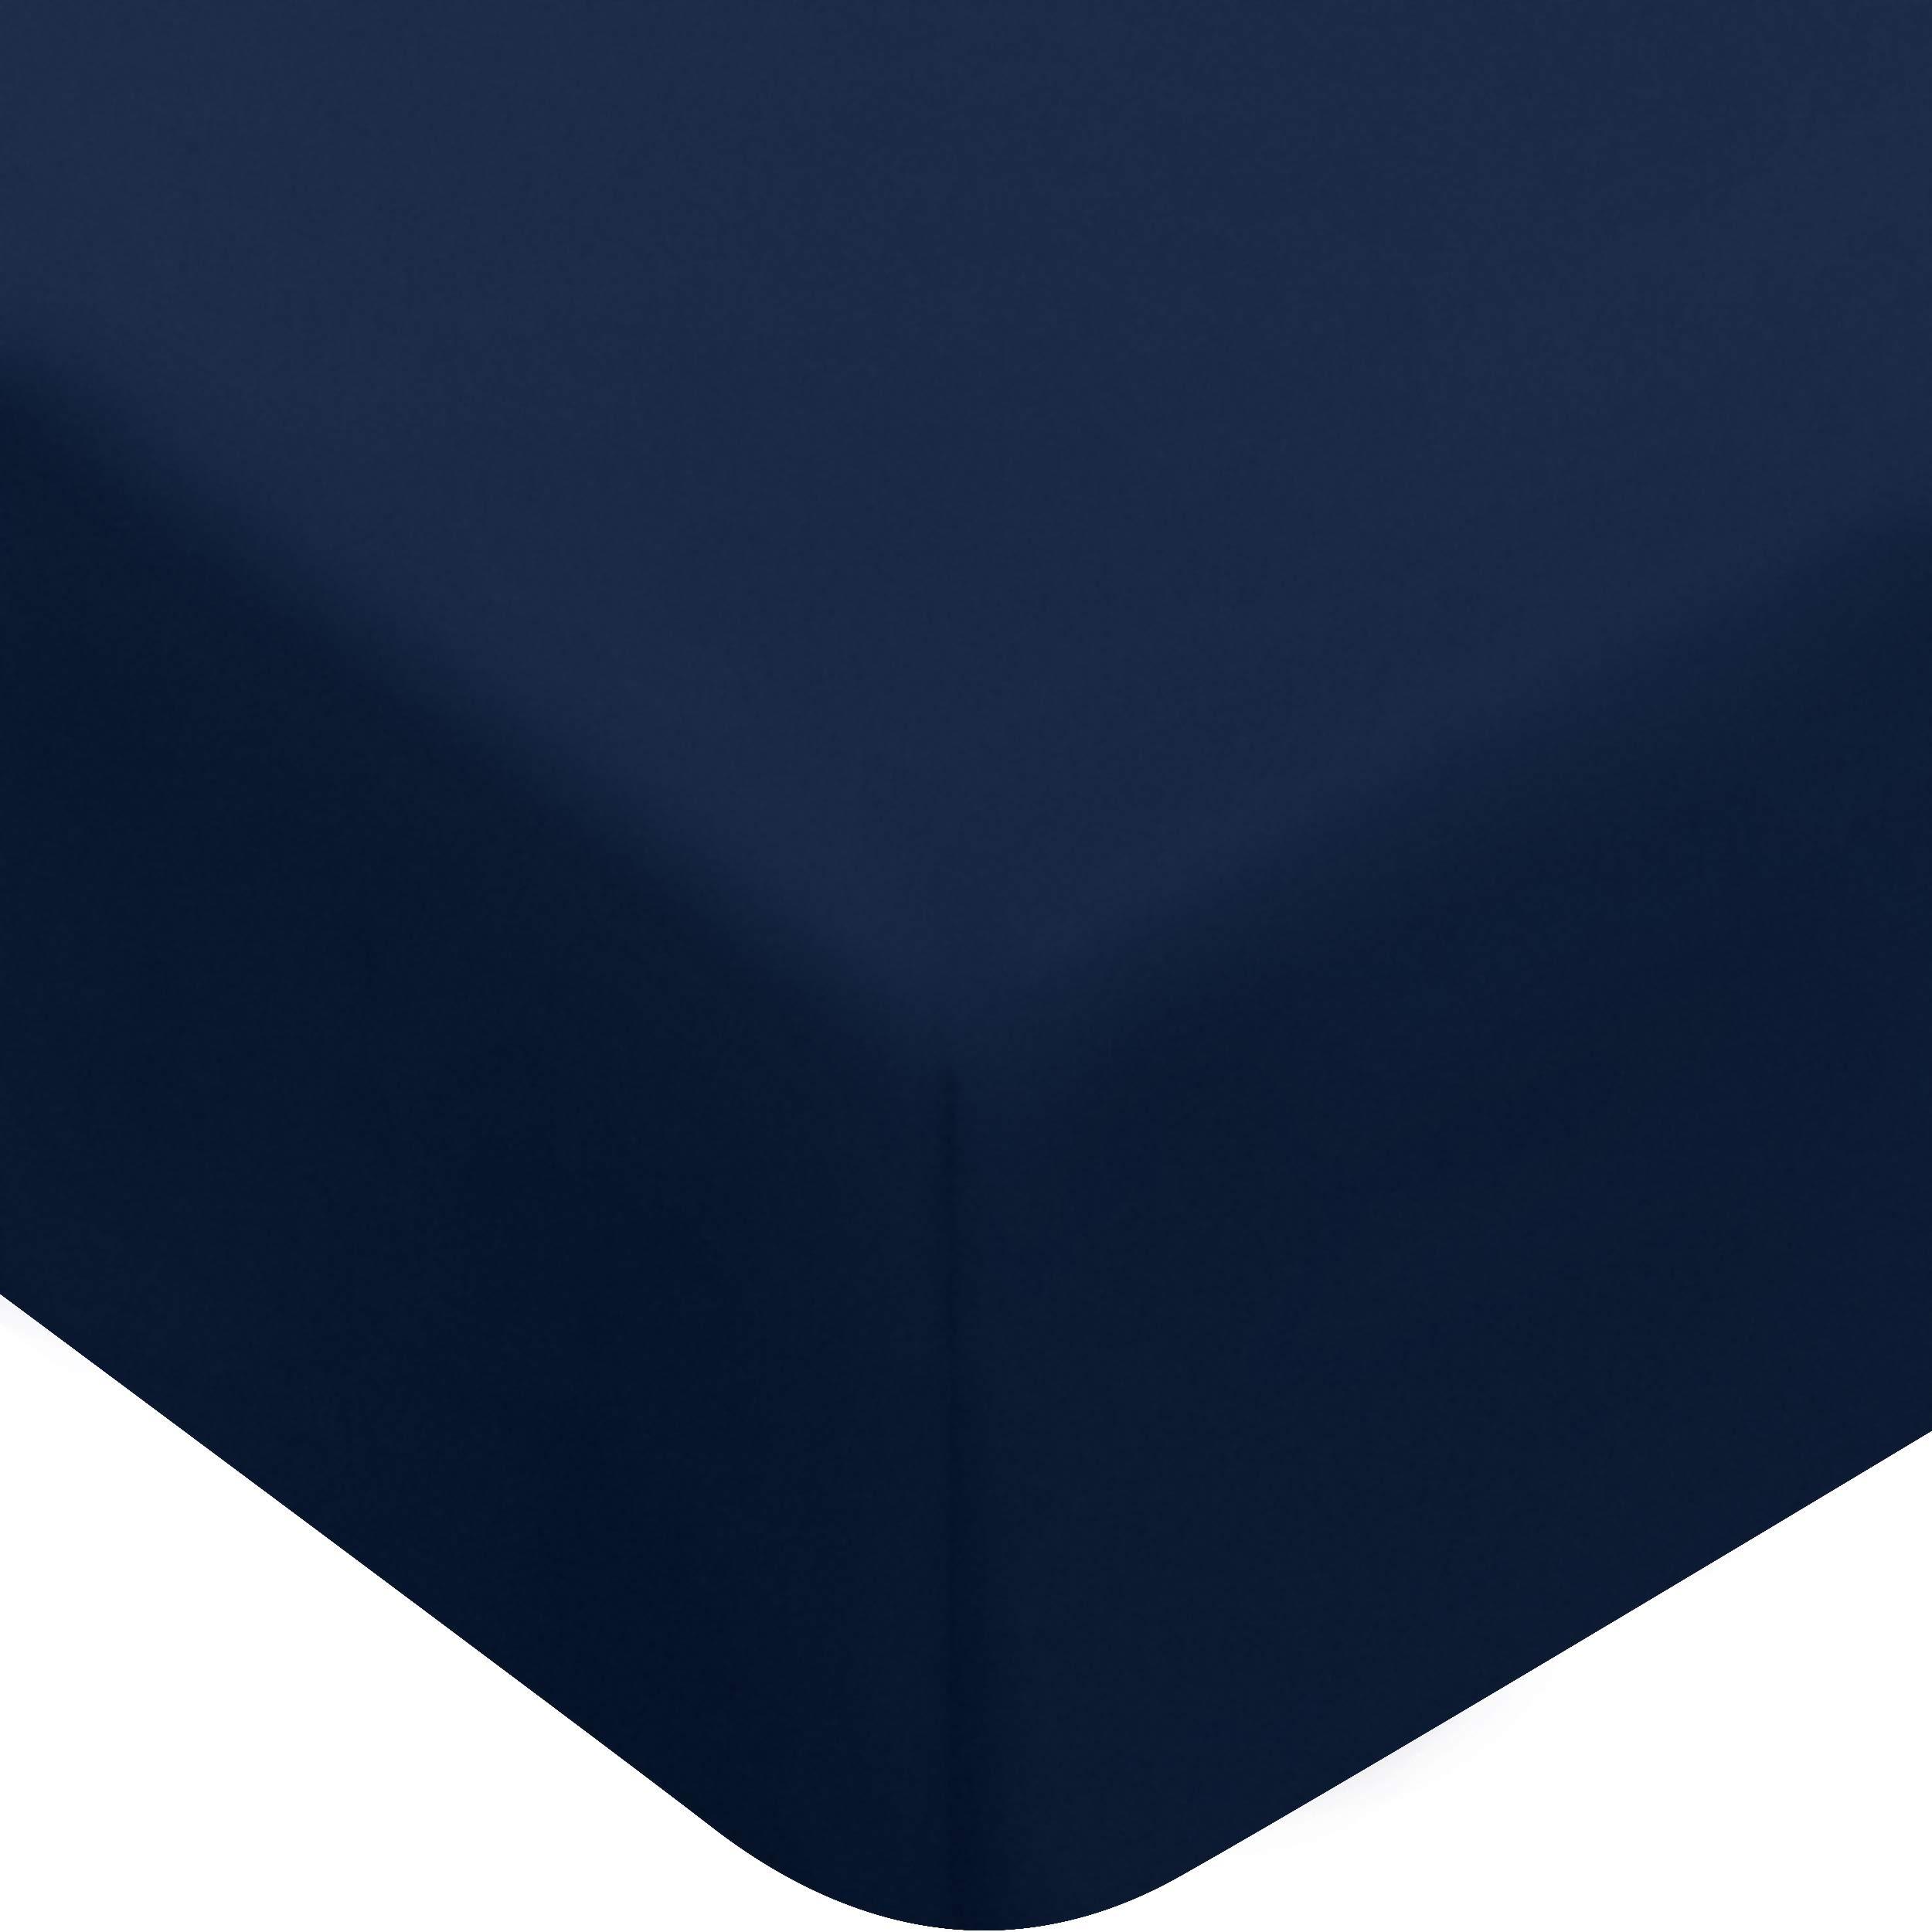 Utopia Bedding Sábana Bajera Ajustable - Bolsillo Profundo - Microfibra Cepillada - (150x200 cm,